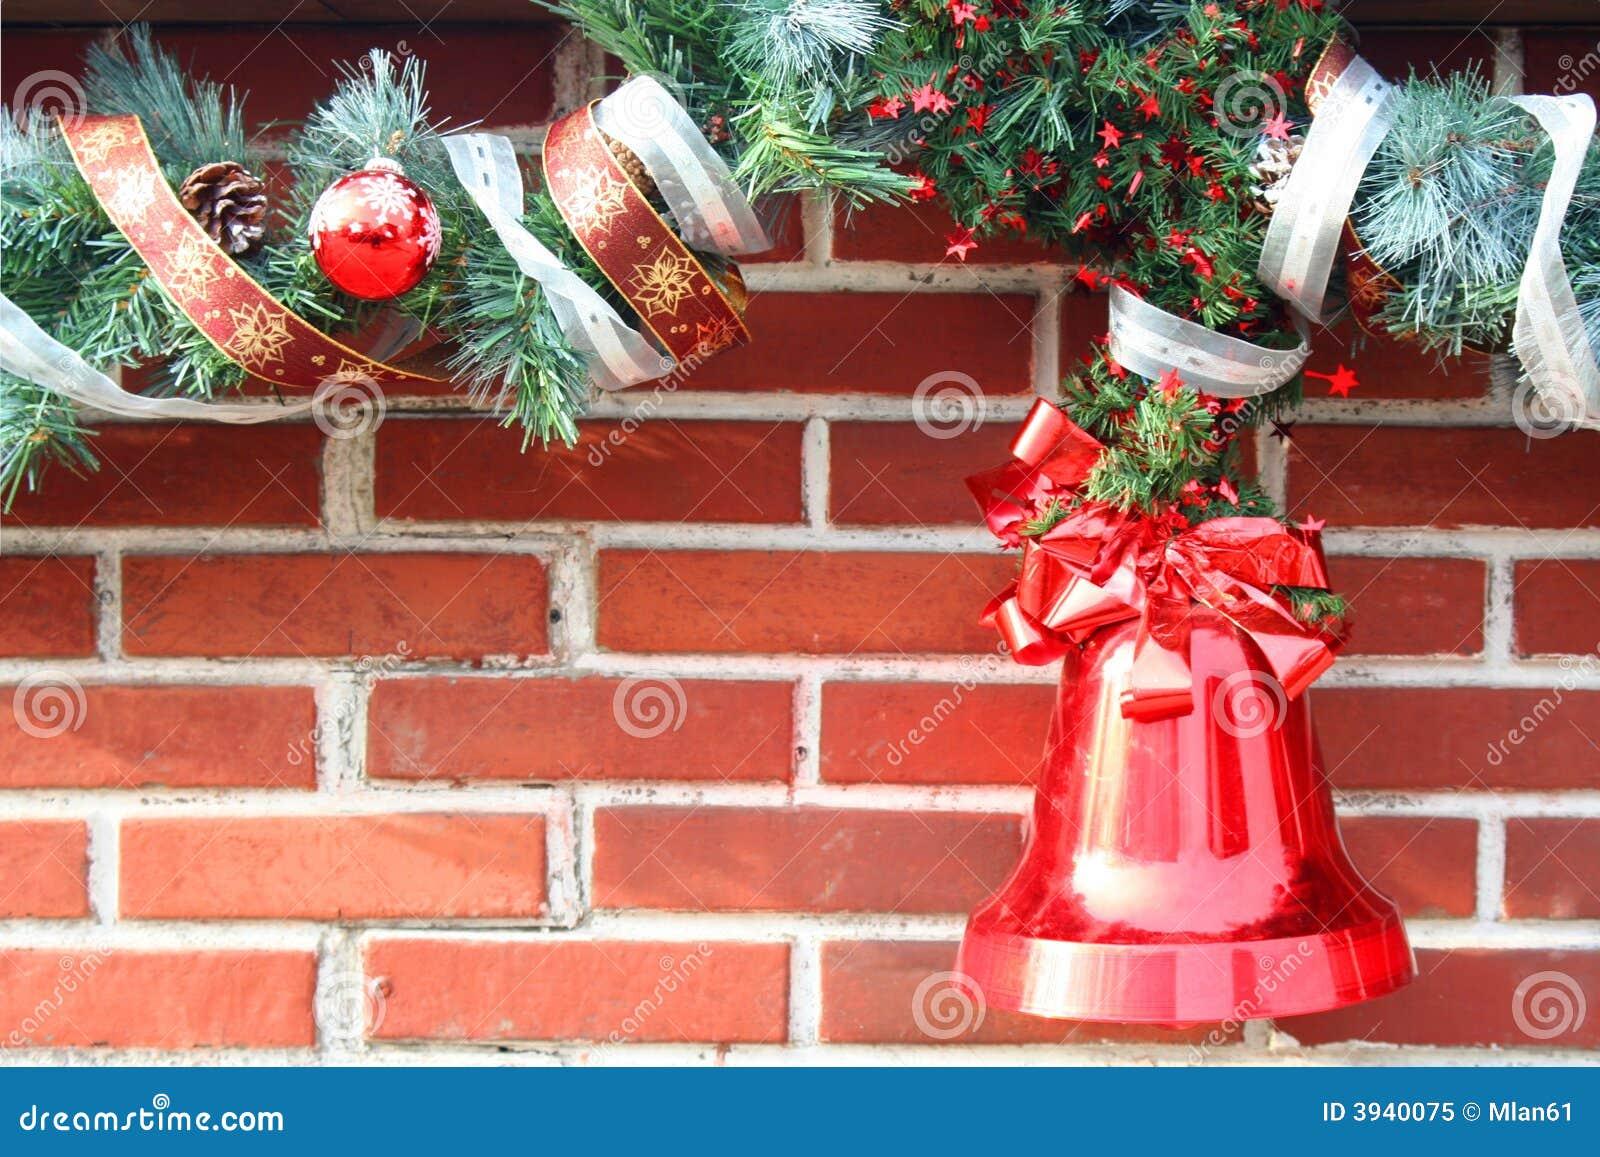 Christmas Lights On Stone Wall : Christmas Garland On Brick Royalty Free Stock Photo - Image: 3940075